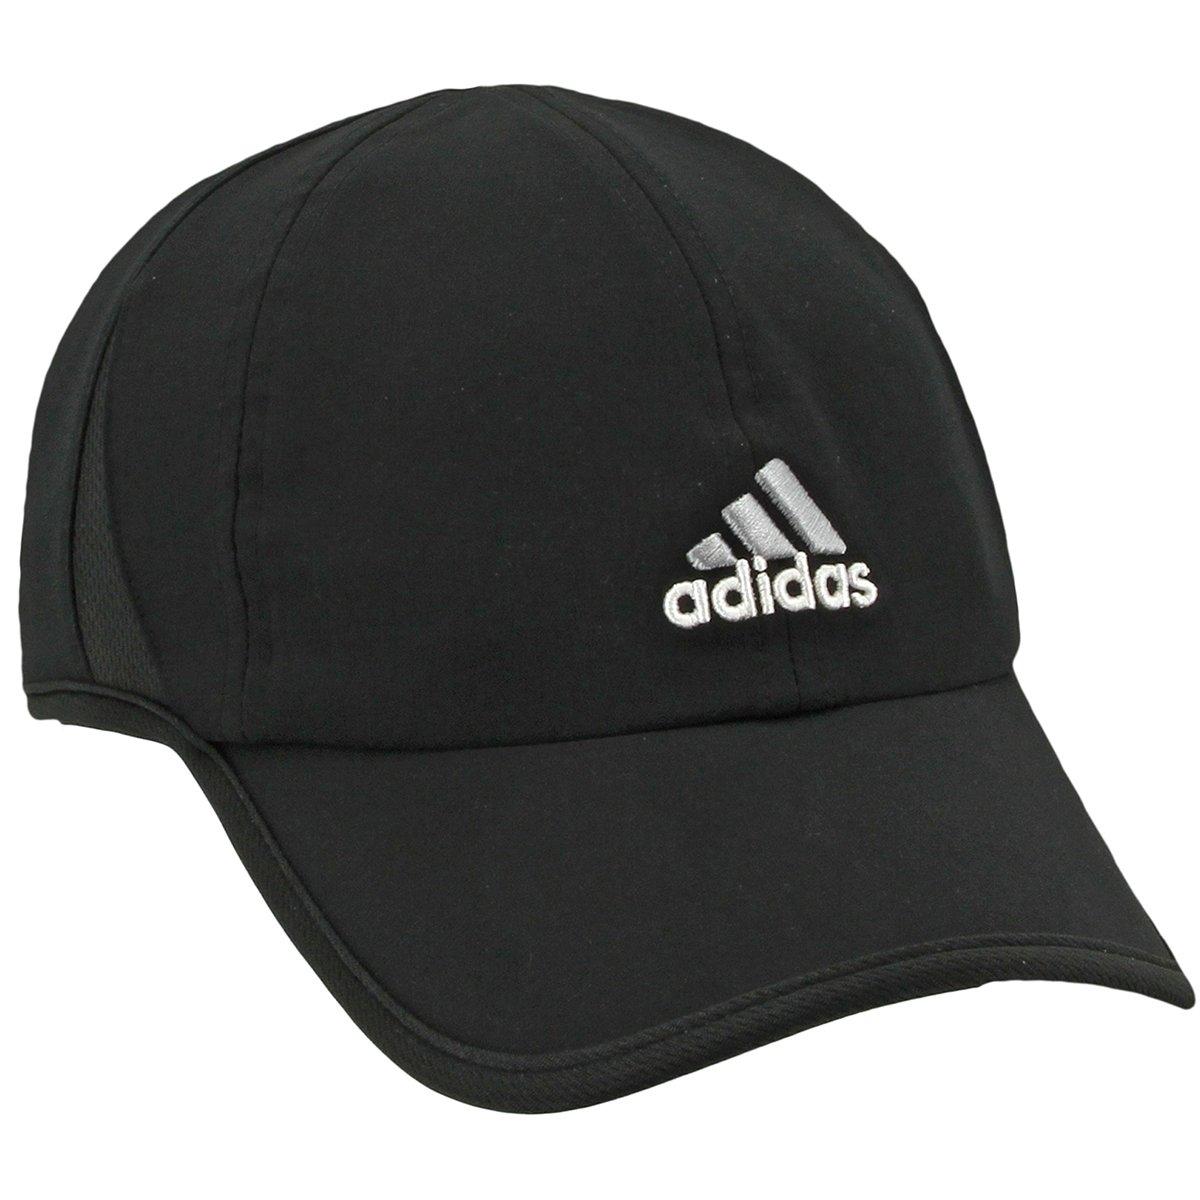 Le Gris Chapeau Adizero Hommes Adidas Qdz3cV1L